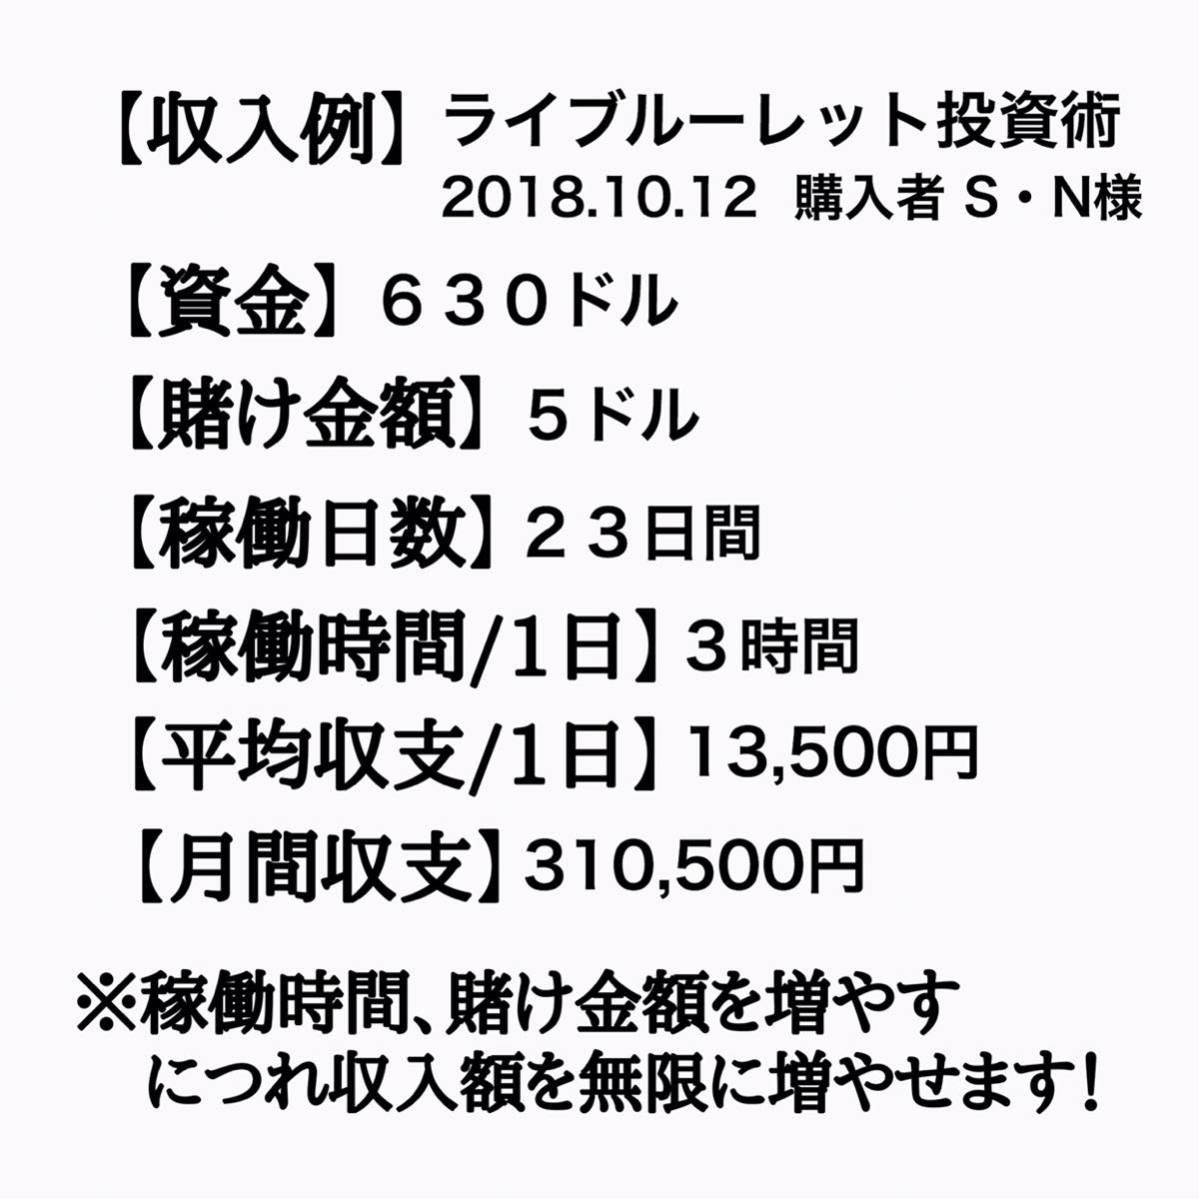 《先着3名様限定》通常価格¥90,000円⇒先着限定価格¥6,980円 完全オリジナル極秘投資術セット 攻略法 仮想通貨 FX 投資 カジノ 副業 0_画像3